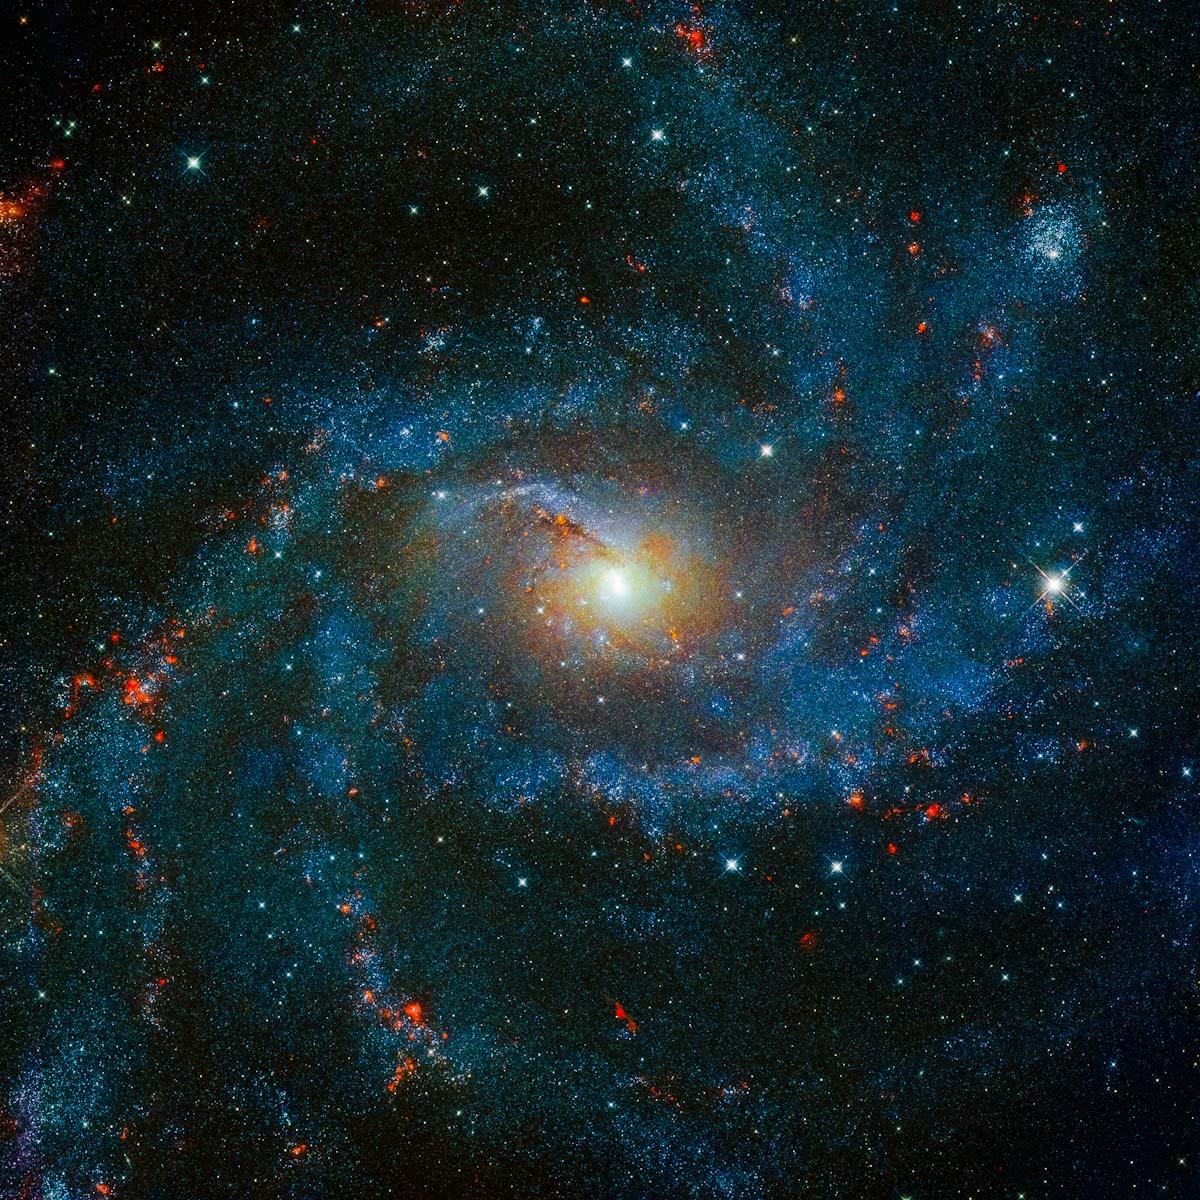 Uma galáxia de tirar o fôlego